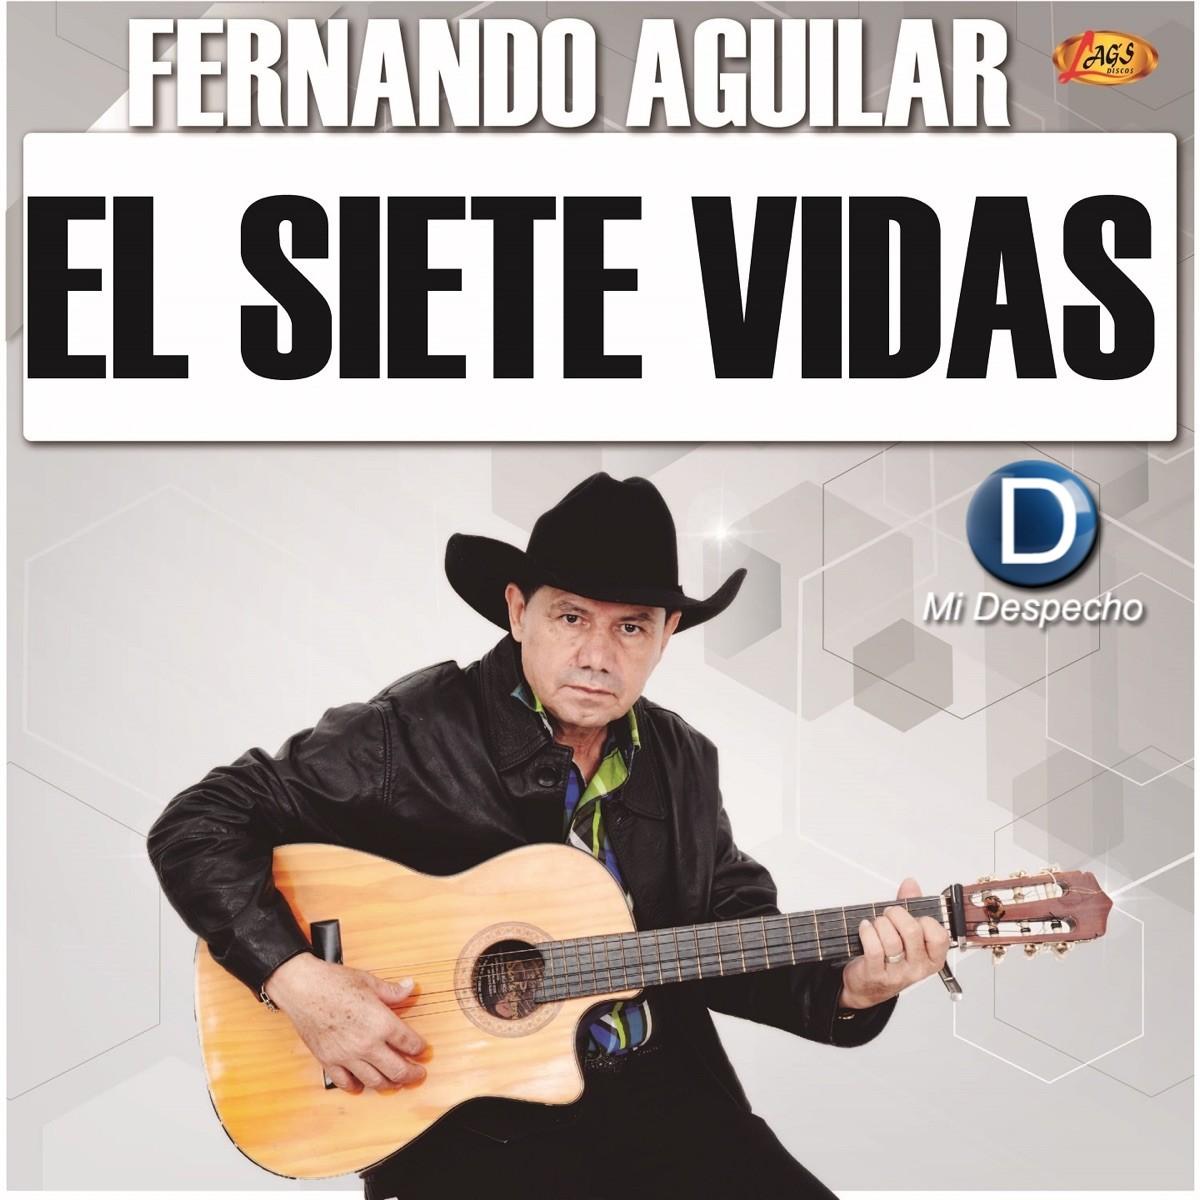 Fernando Aguilar El Siete Vidas Frontal